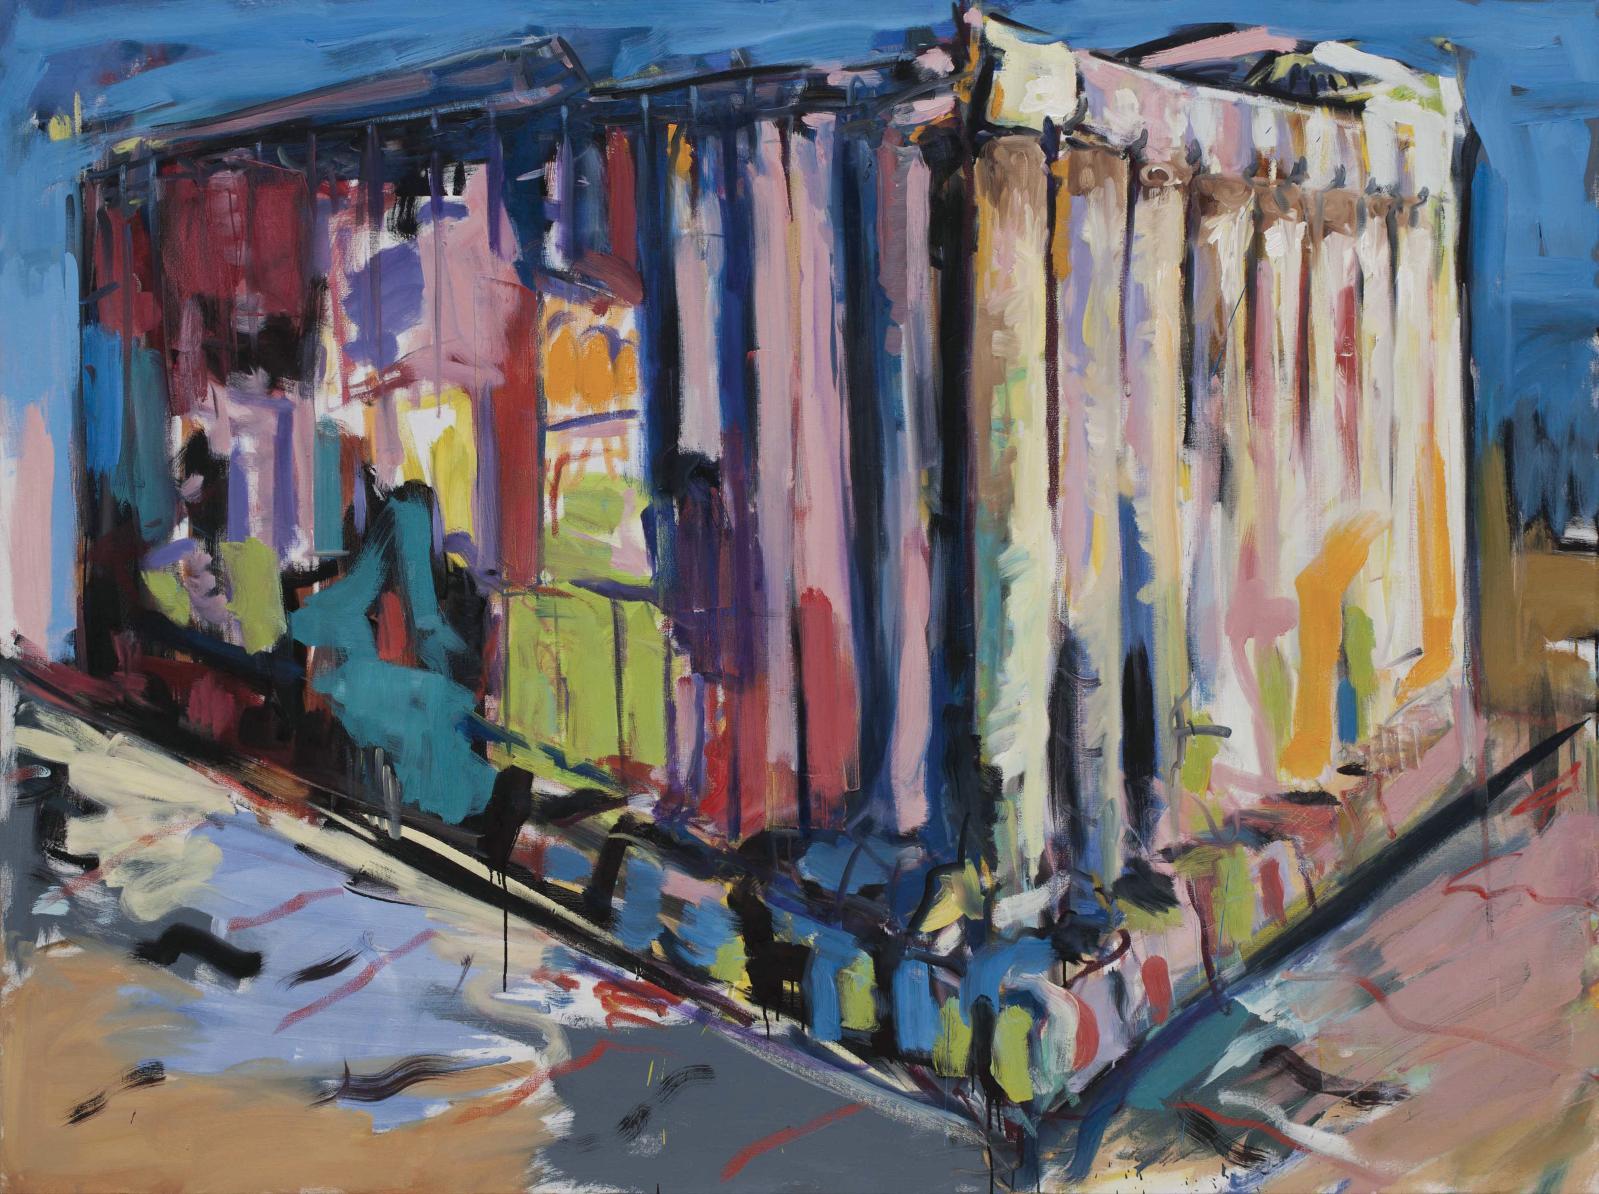 Jean-Paul Guiragossian (né en 1967), Baalbek, 2016, huile sur toile, 160x200cm (détail).